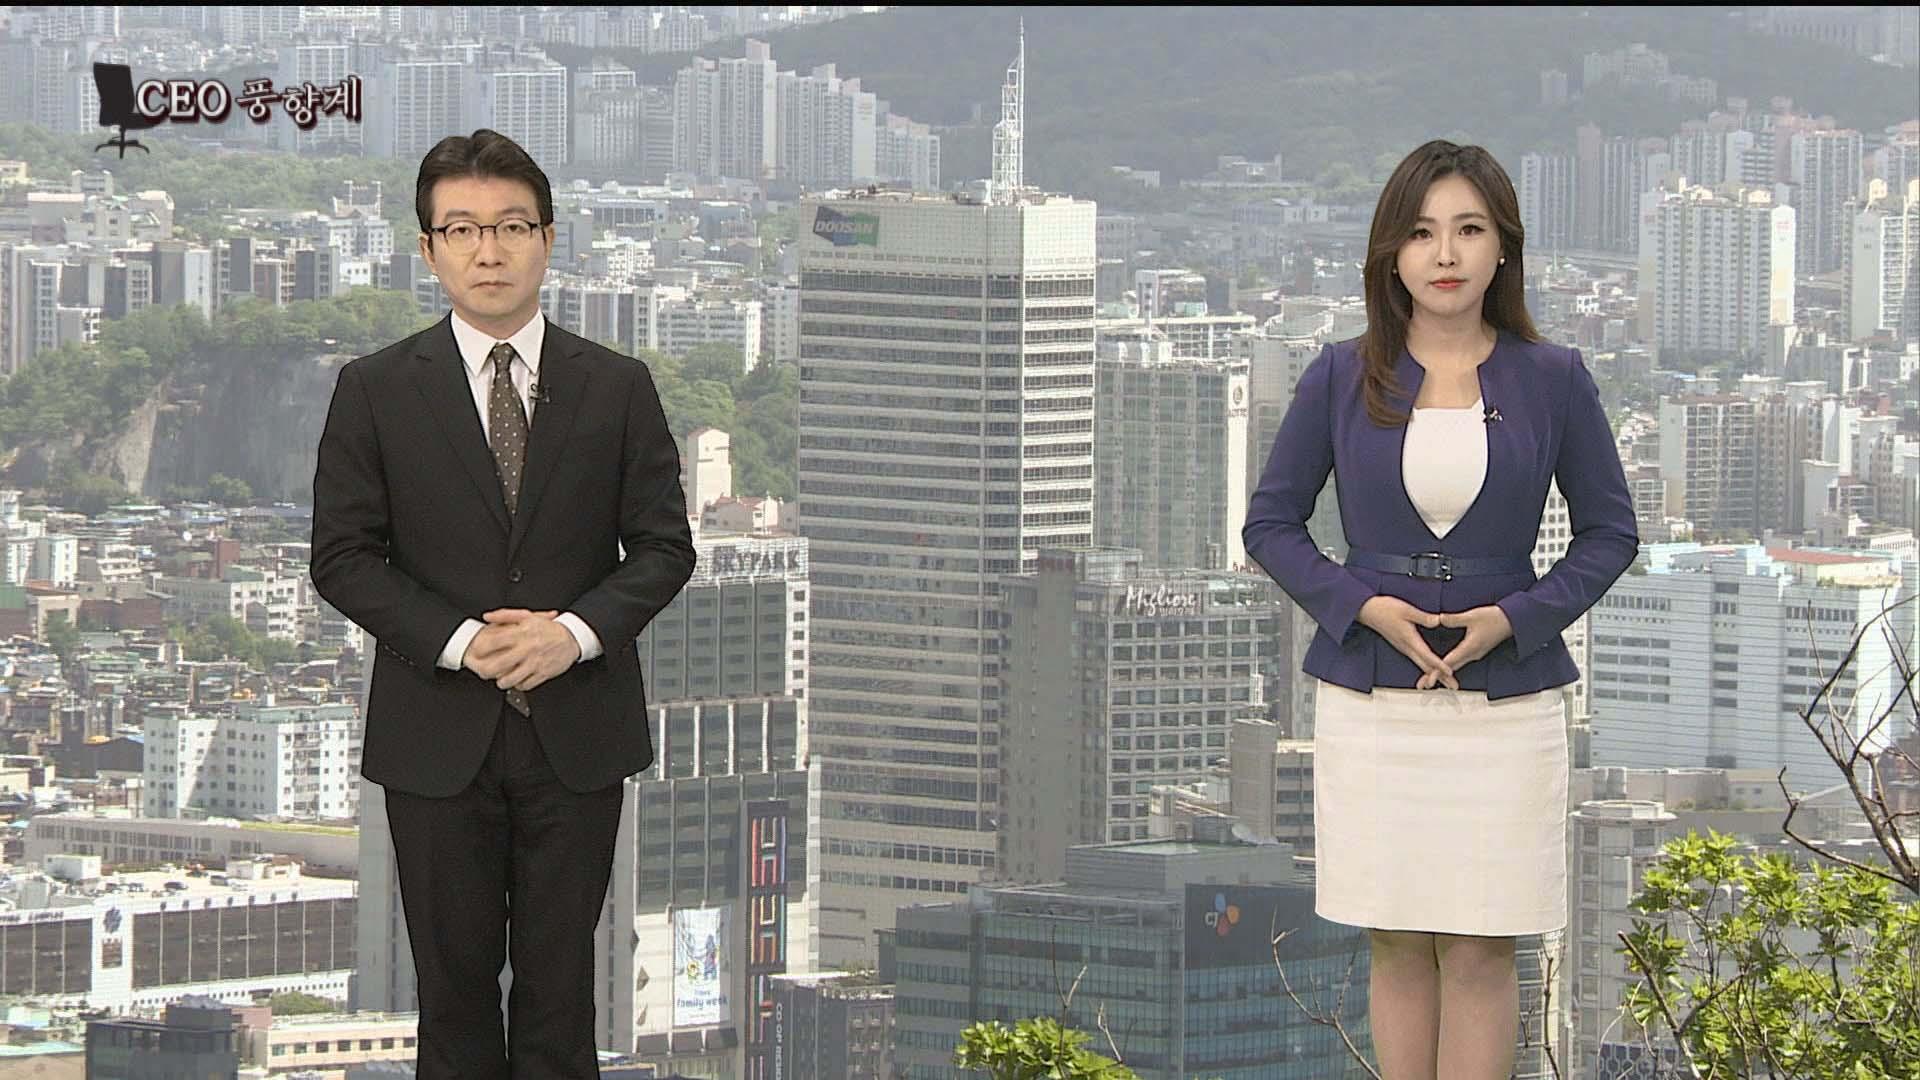 [CEO풍향계] '재수감 악재' 이재용…'취업제한 해제' 김승연